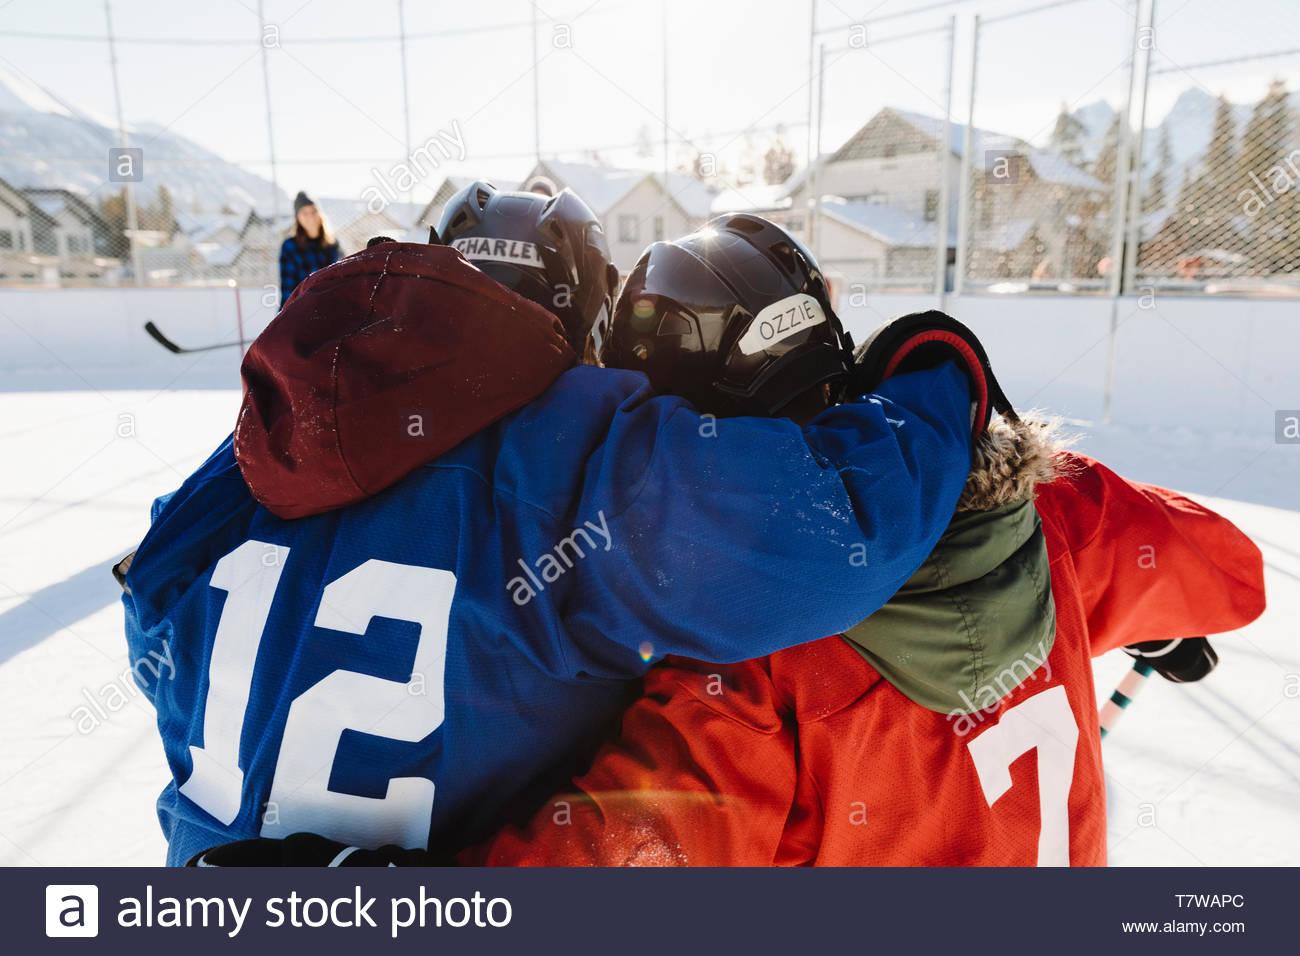 Amici, abbracciando la riproduzione esterna di hockey su ghiaccio Immagini Stock